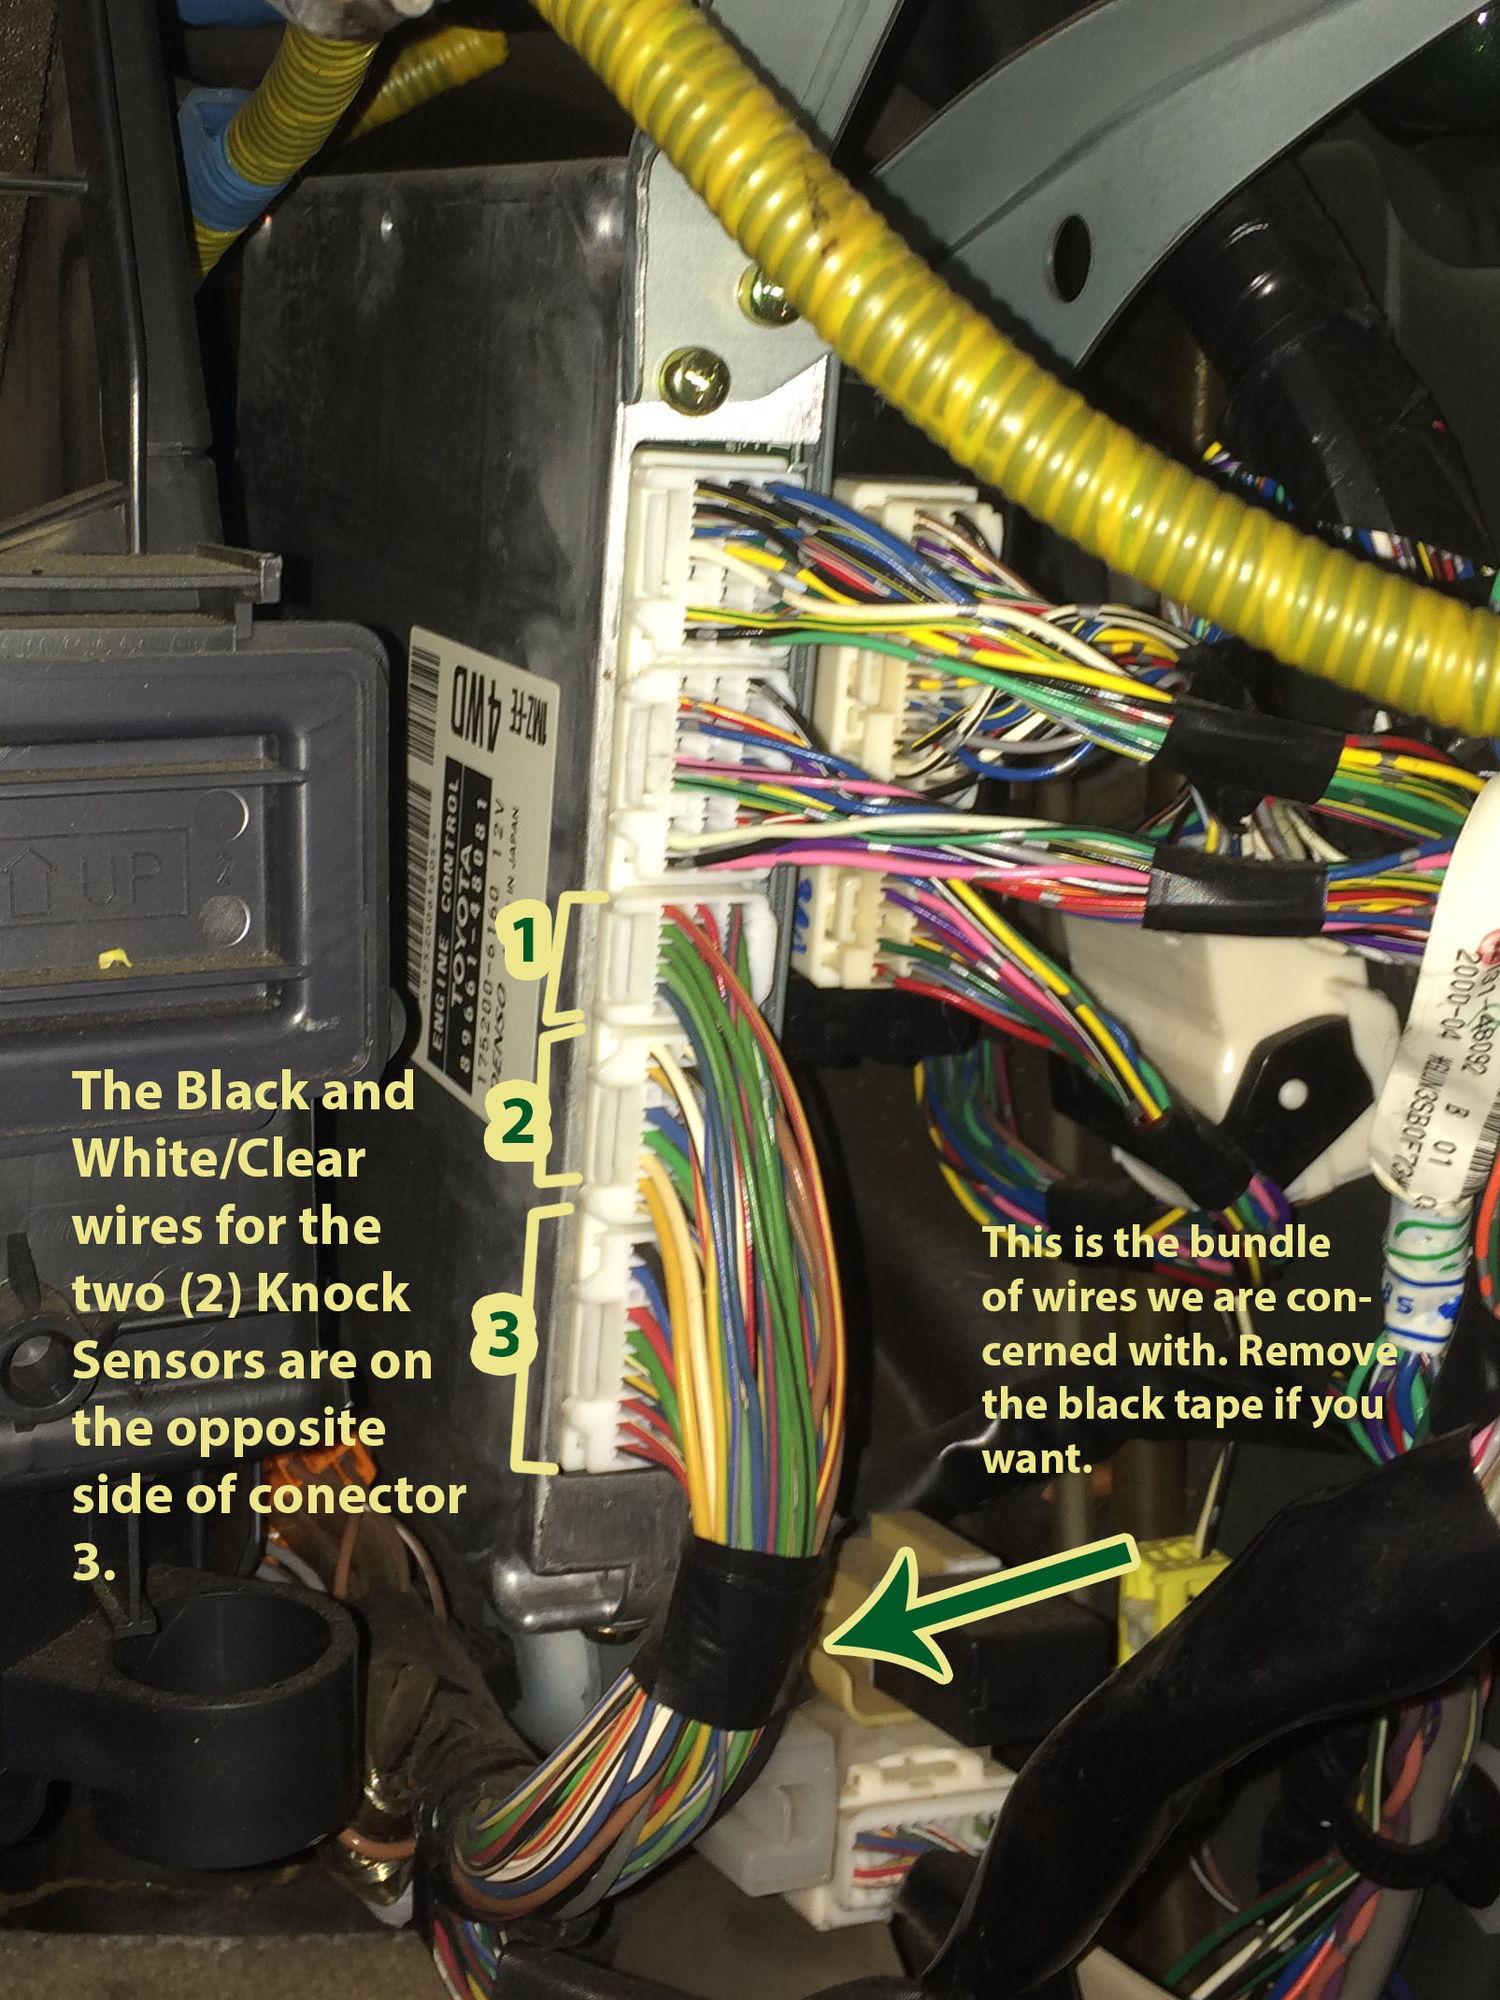 knock sensor wiring diagram mitsubishi  knock sensor wiring diagram mitsubishi #4